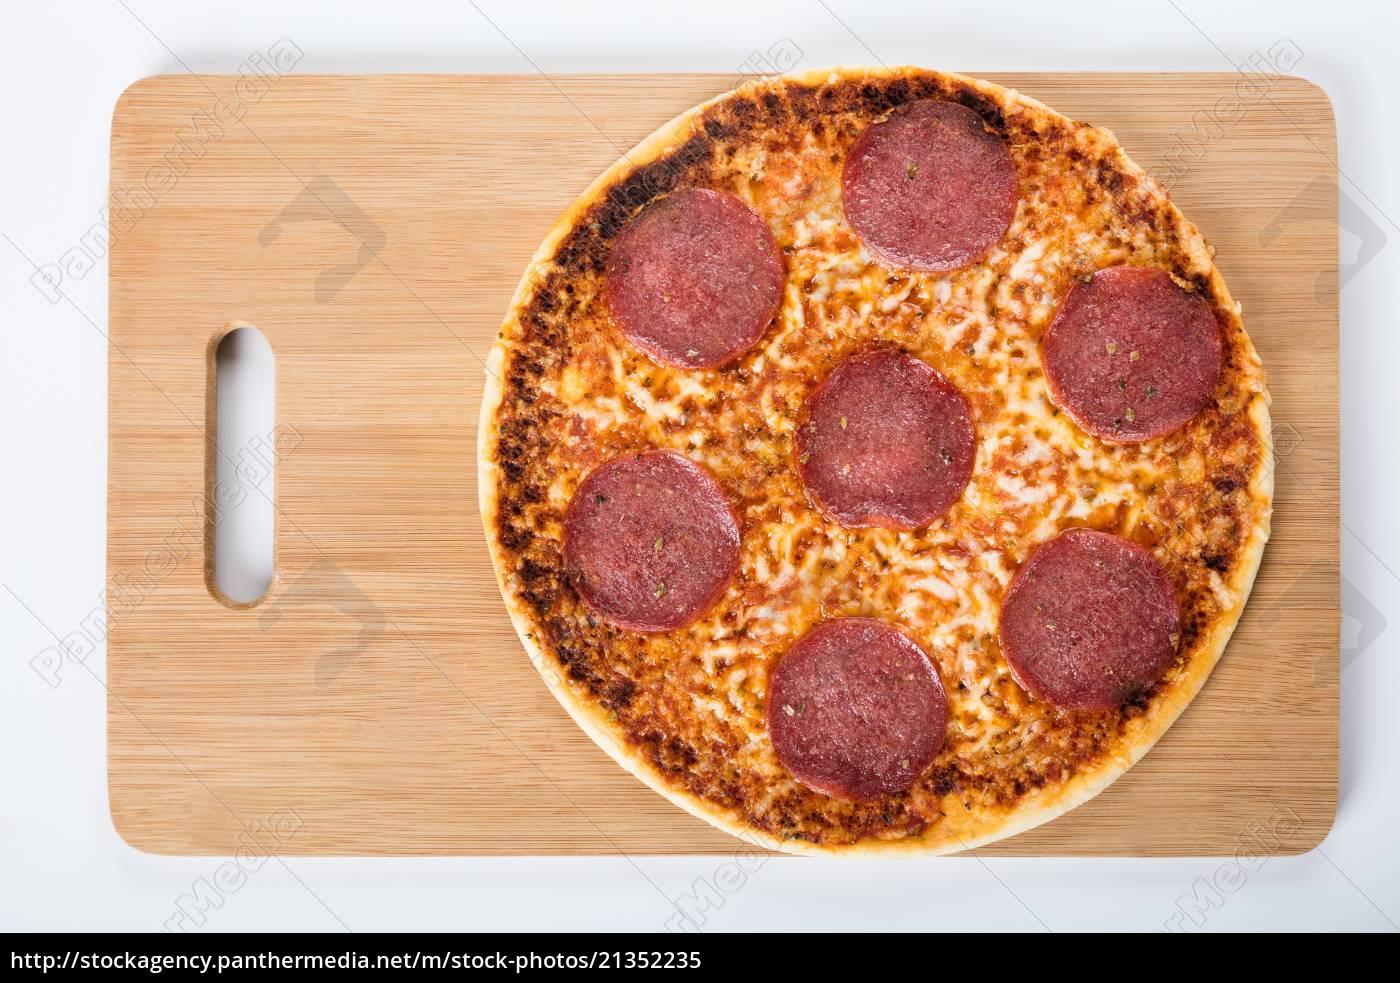 erhöhte, ansicht, einer, hausgemachten, pizza, salami - 21352235